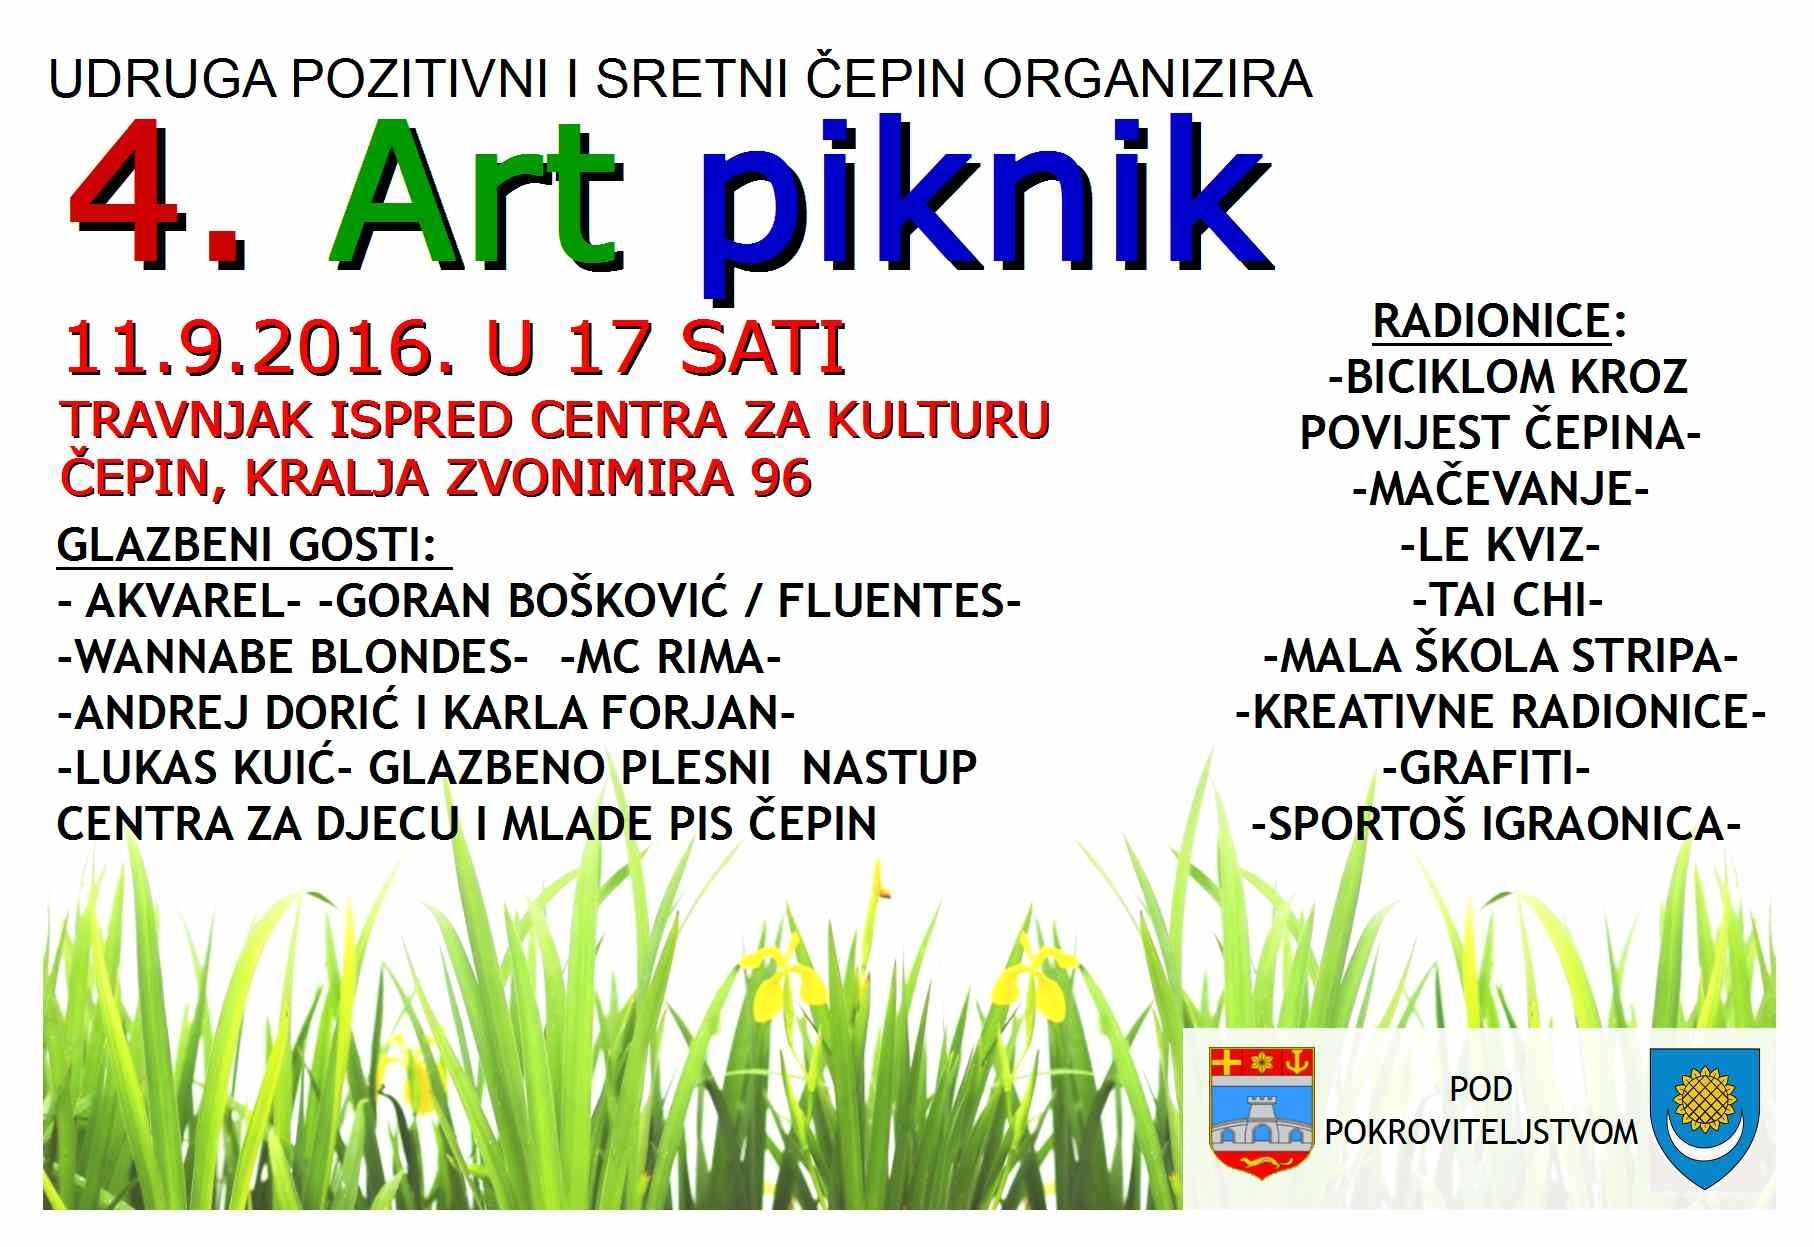 <p>11.9.2016. s početkom u 17 sati Udruga Pozitivni i sretni Čepin organizira sada već tradicionalni 4. po redu Art piknik, na travnjaku ispred Centra za kulturu Čepin, Kralja Zvonimira 96.</p>